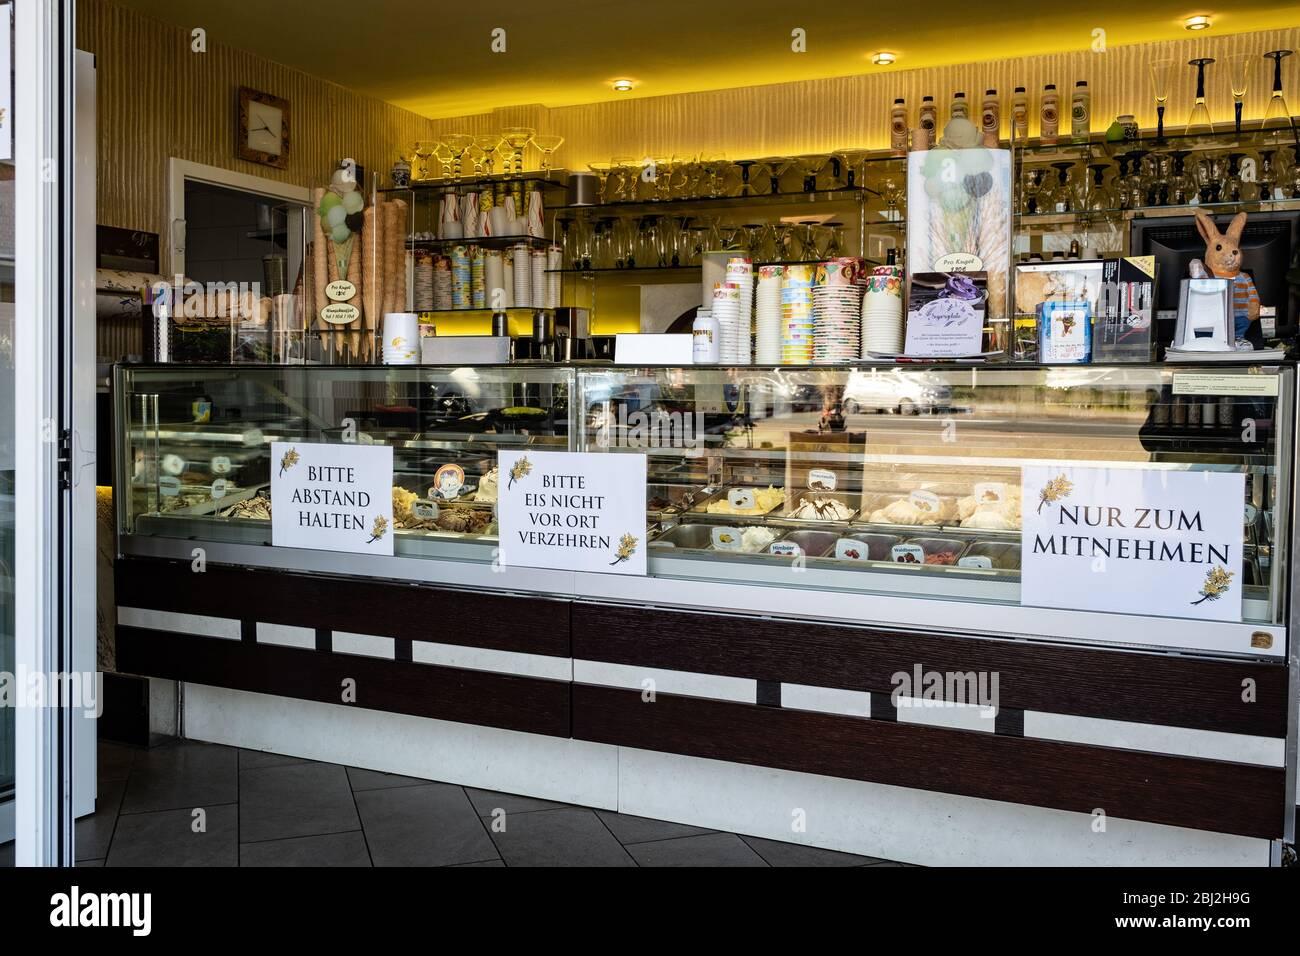 Ein Eisladen verkauft Eis zum Mitnehmen, es darf nicht vor Ort verzehrt werden. Schilder mit Hinweisen zum Abstandshalten am Tresen Stock Photo